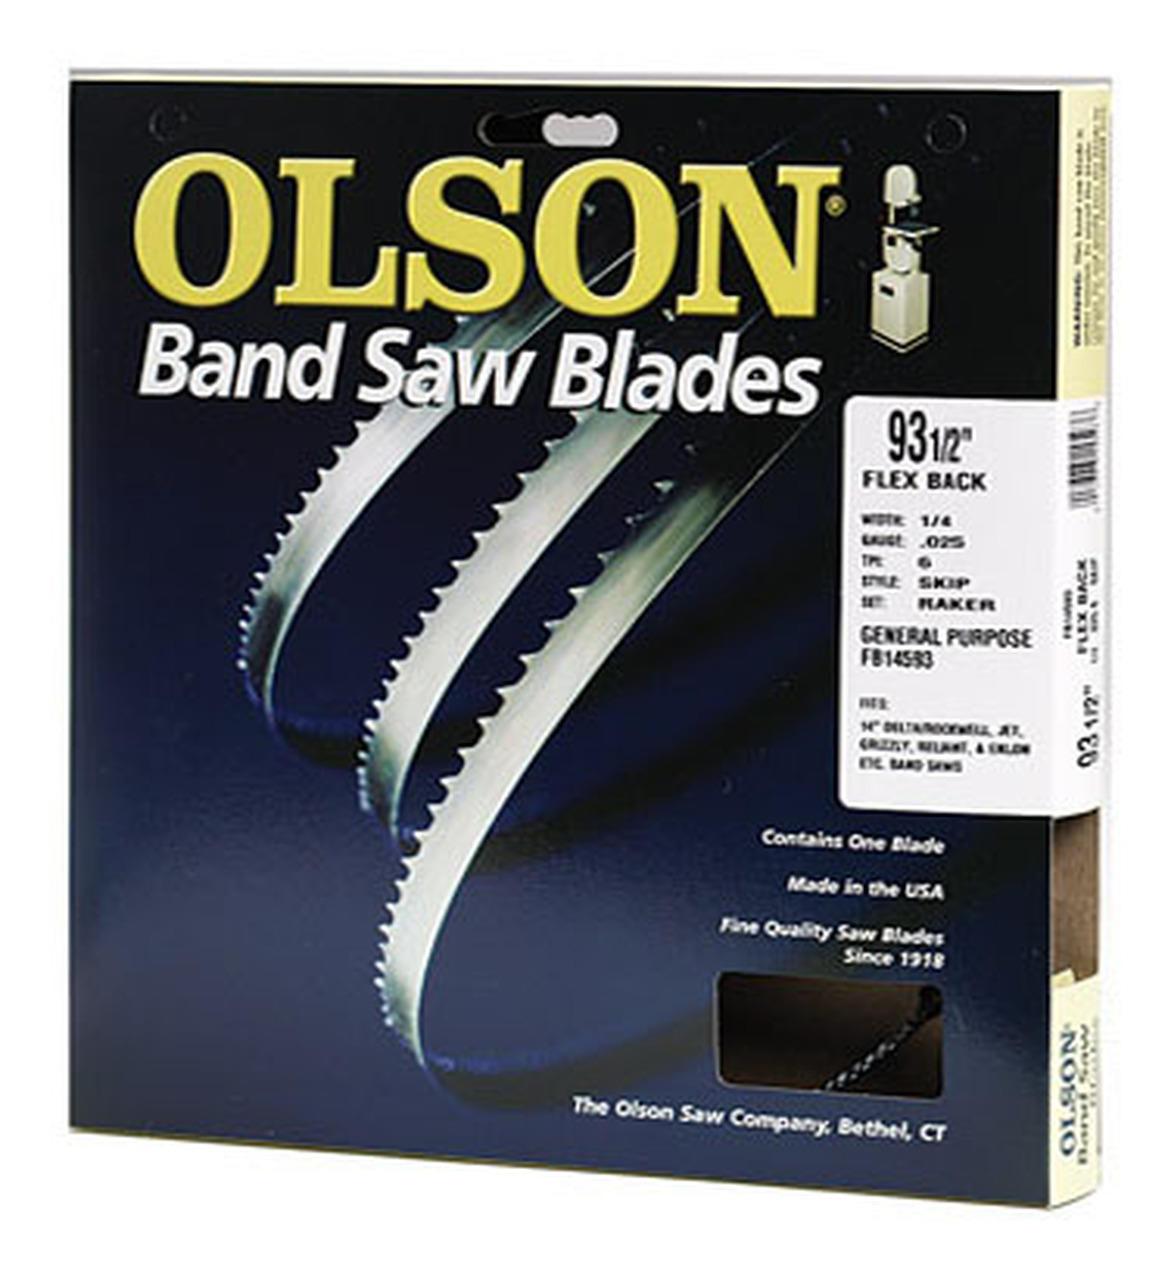 Olson Saw Olson Flex Back Band Saw Blade 93 1/2 x 1/2